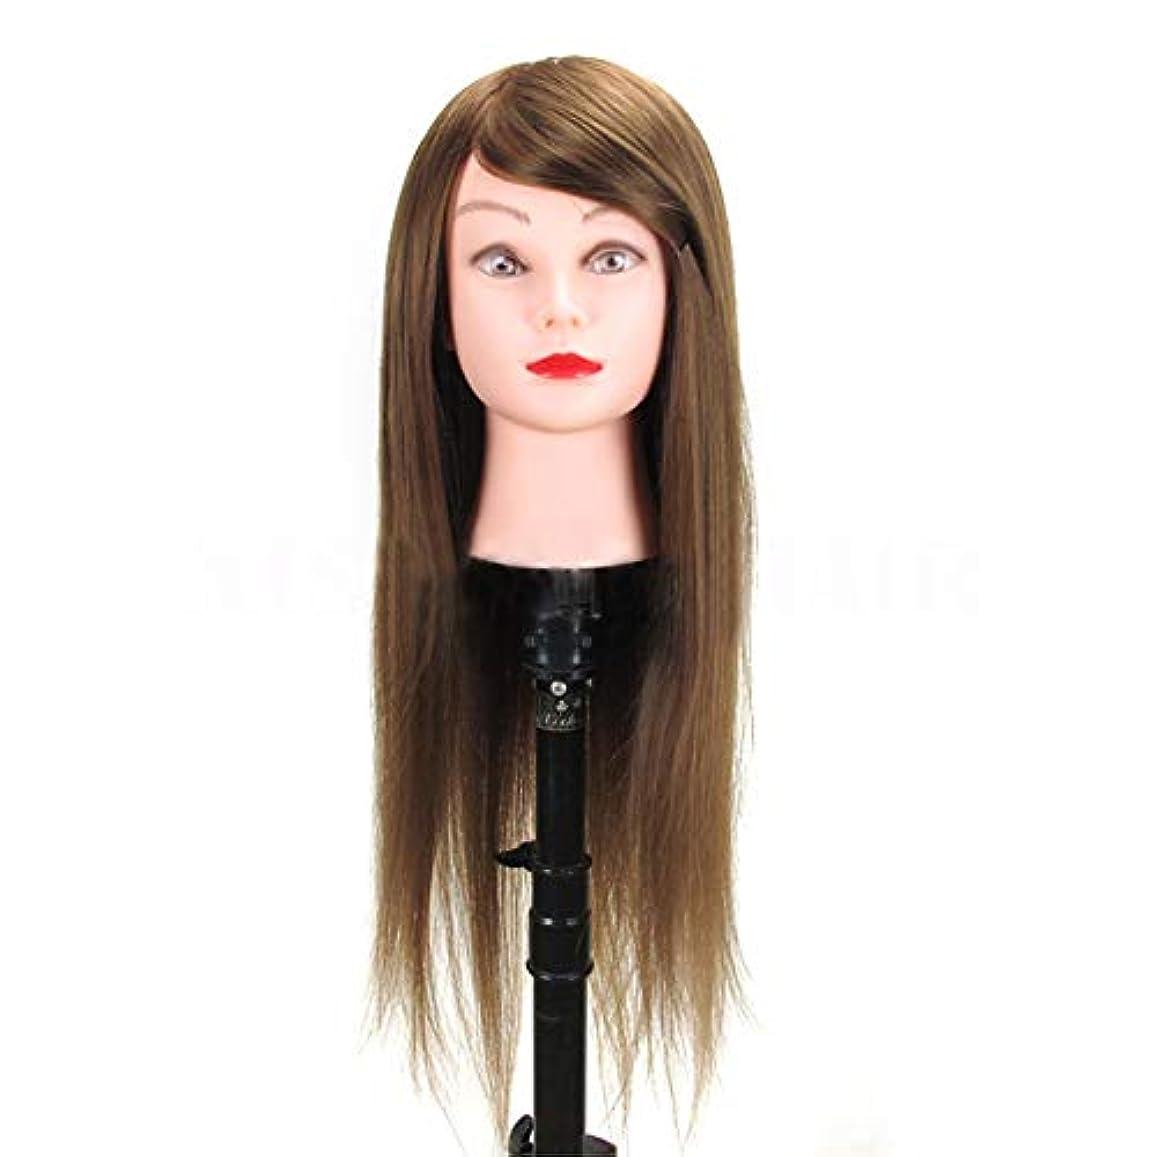 追加する飼いならす無数の高温シルク編組ヘアスタイリングヘッドモデル理髪店理髪ダミーヘッド化粧練習マネキンヘッド